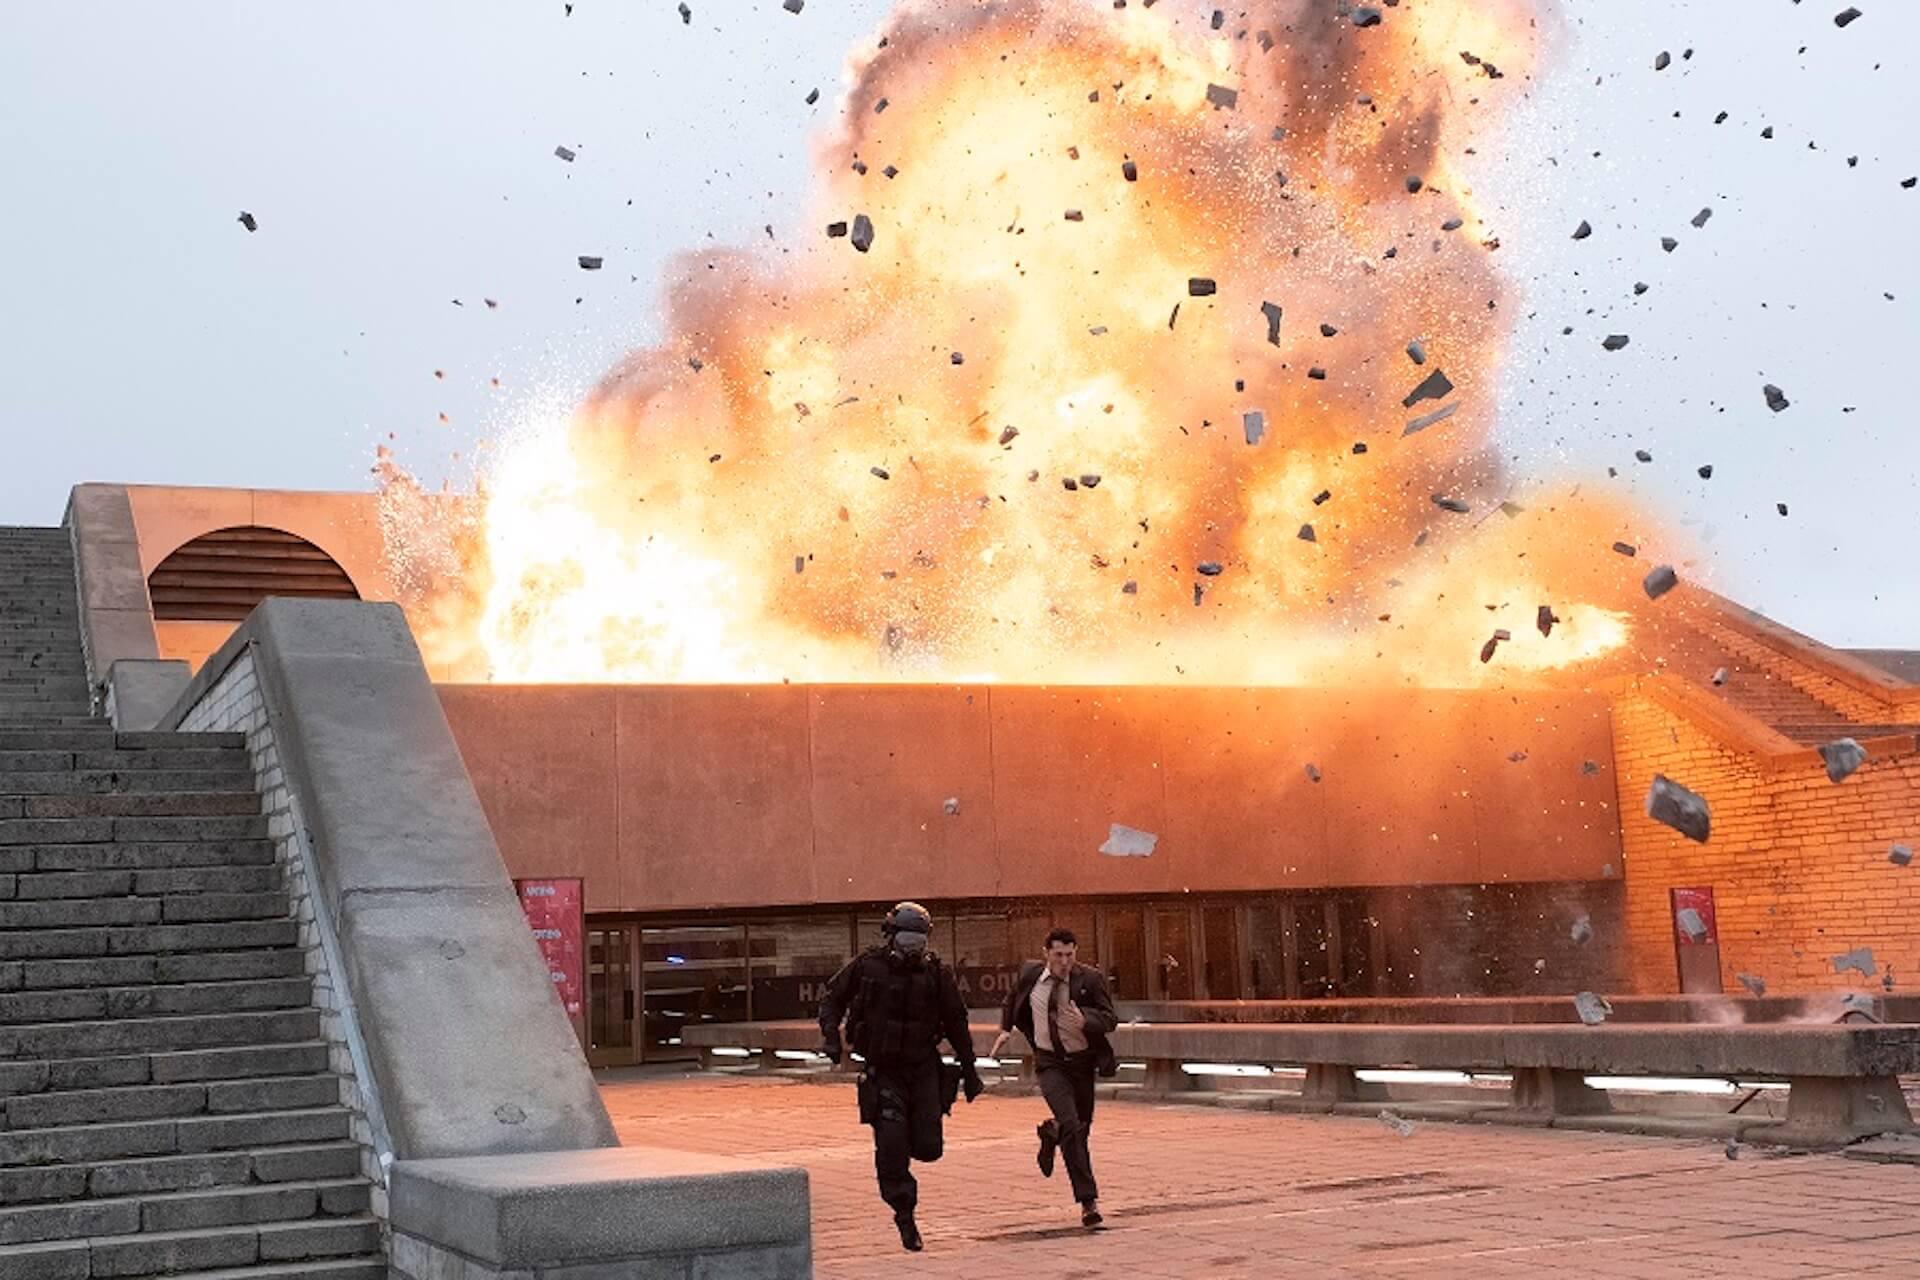 大ヒットを記録したクリストファー・ノーラン監督作『TENET テネット』が早くも12月よりダウンロード販売開始!来年1月Blu-ray&DVD発売 film201127_tenet_9